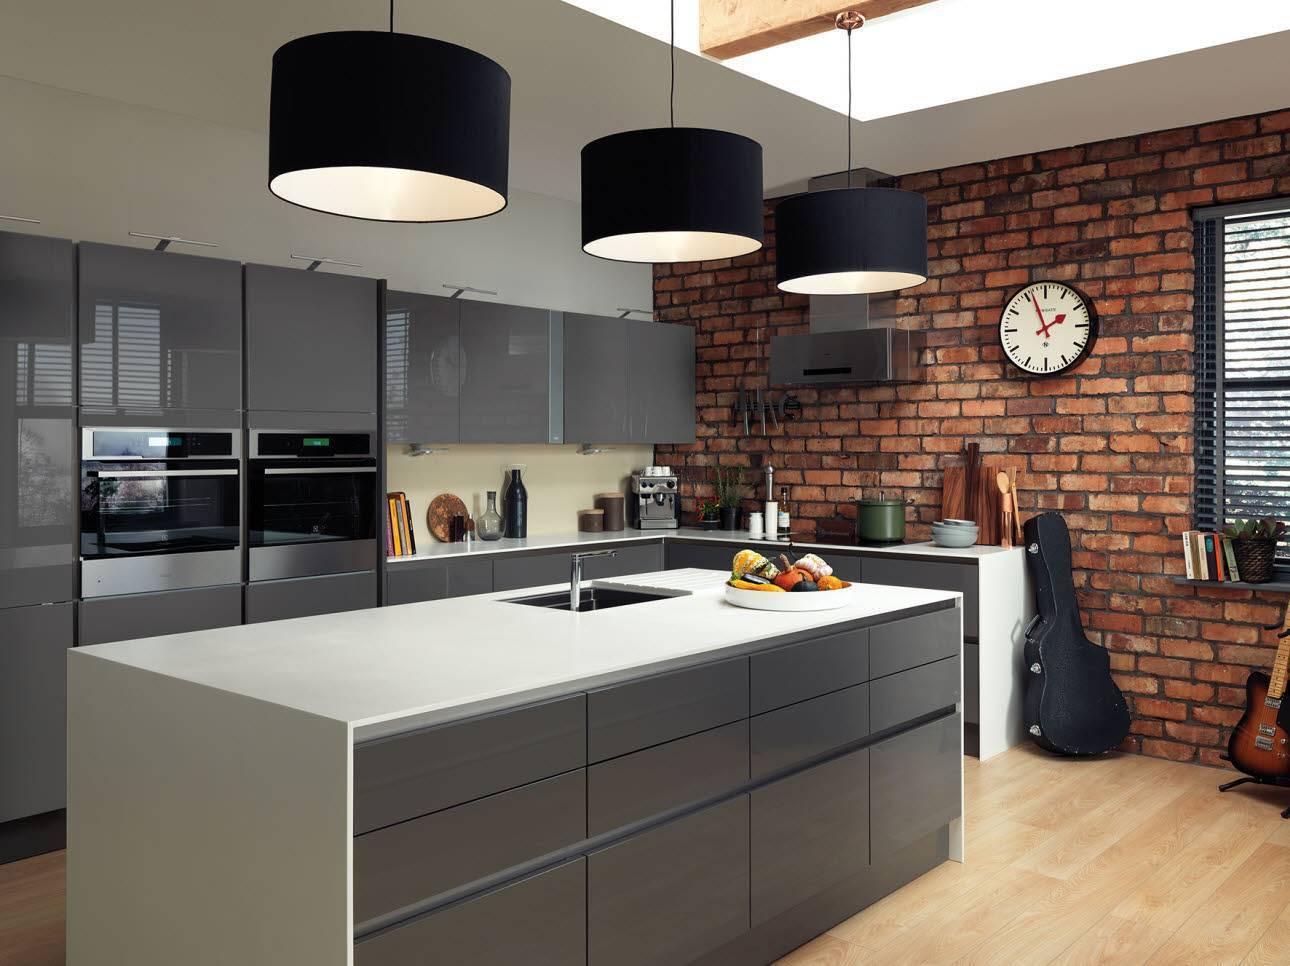 Серая кухня (102 фото): дизайн кухни в серых тонах. кухонный гарнитур светло-серого цвета с деревом в интерьере, другие варианты. с какими цветами она сочетается?